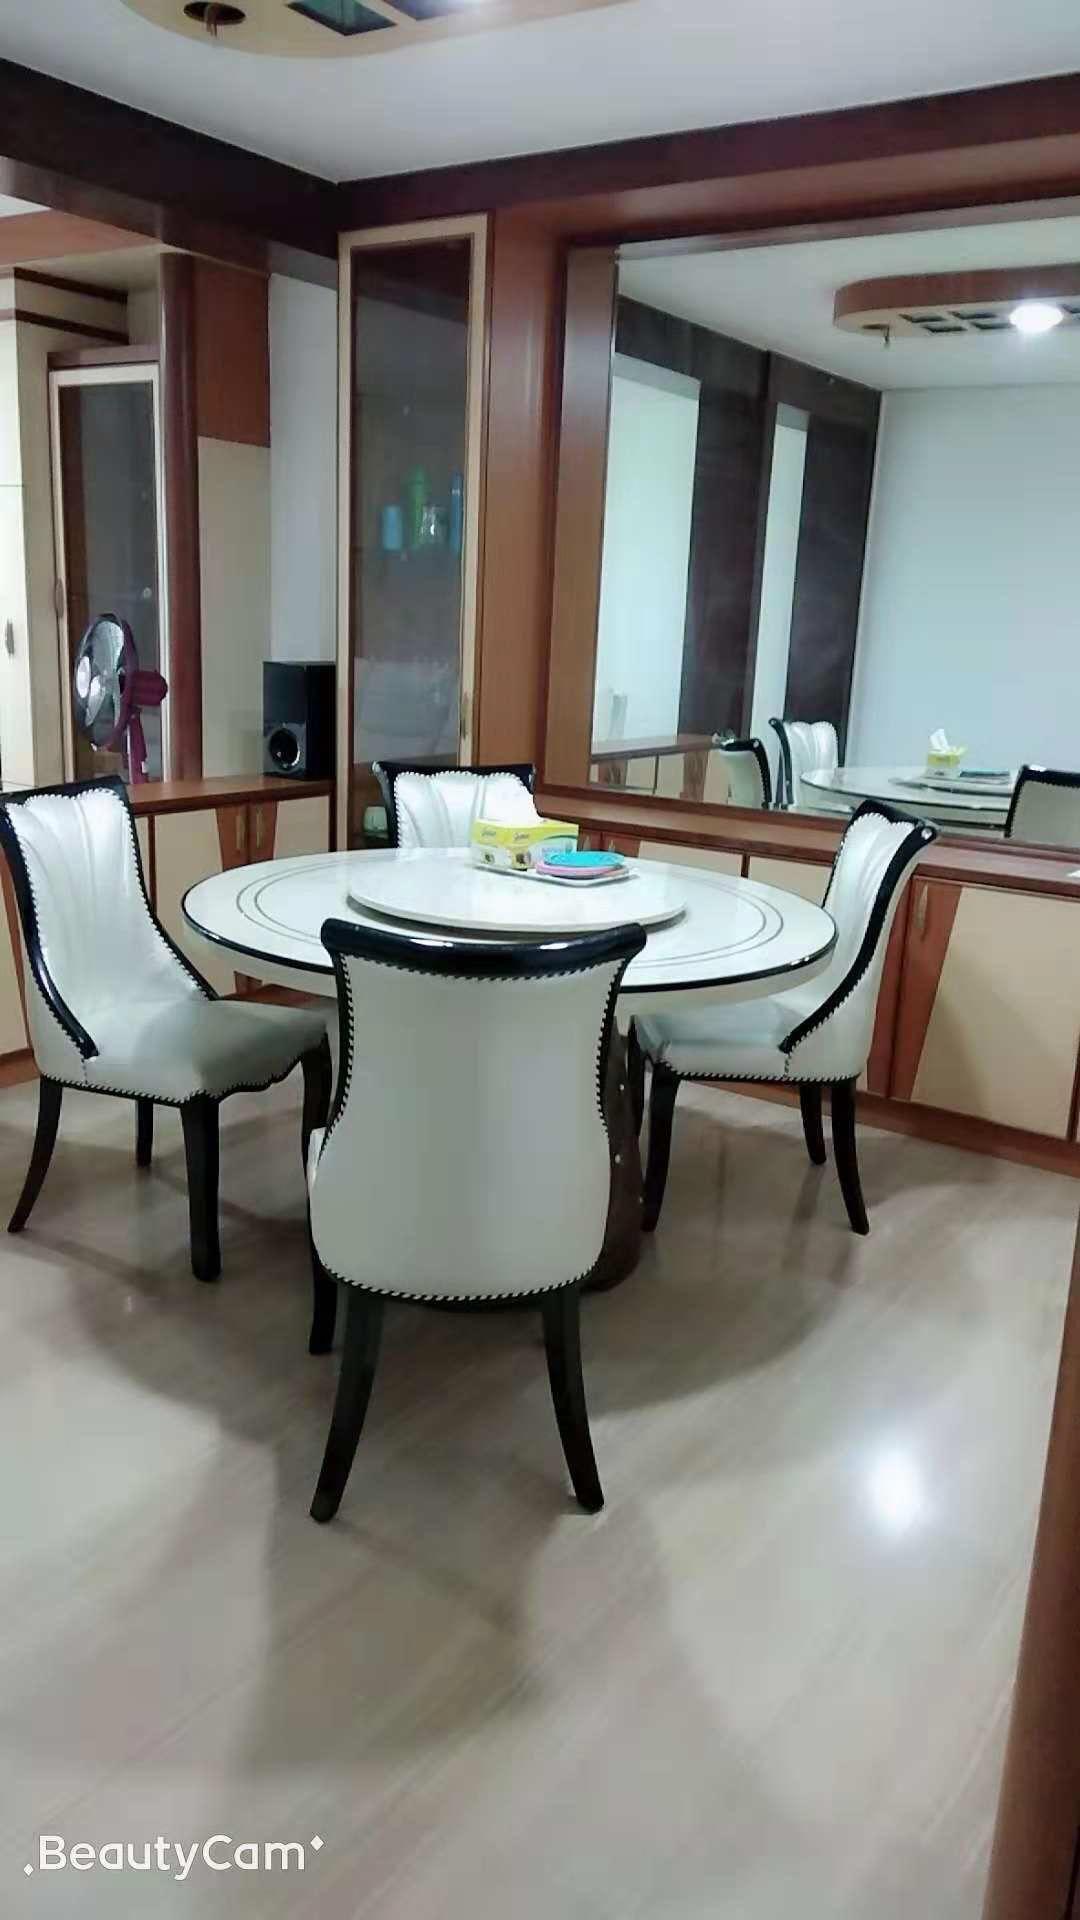 新加坡三巴旺房间出租,精美的客厅参桌照片